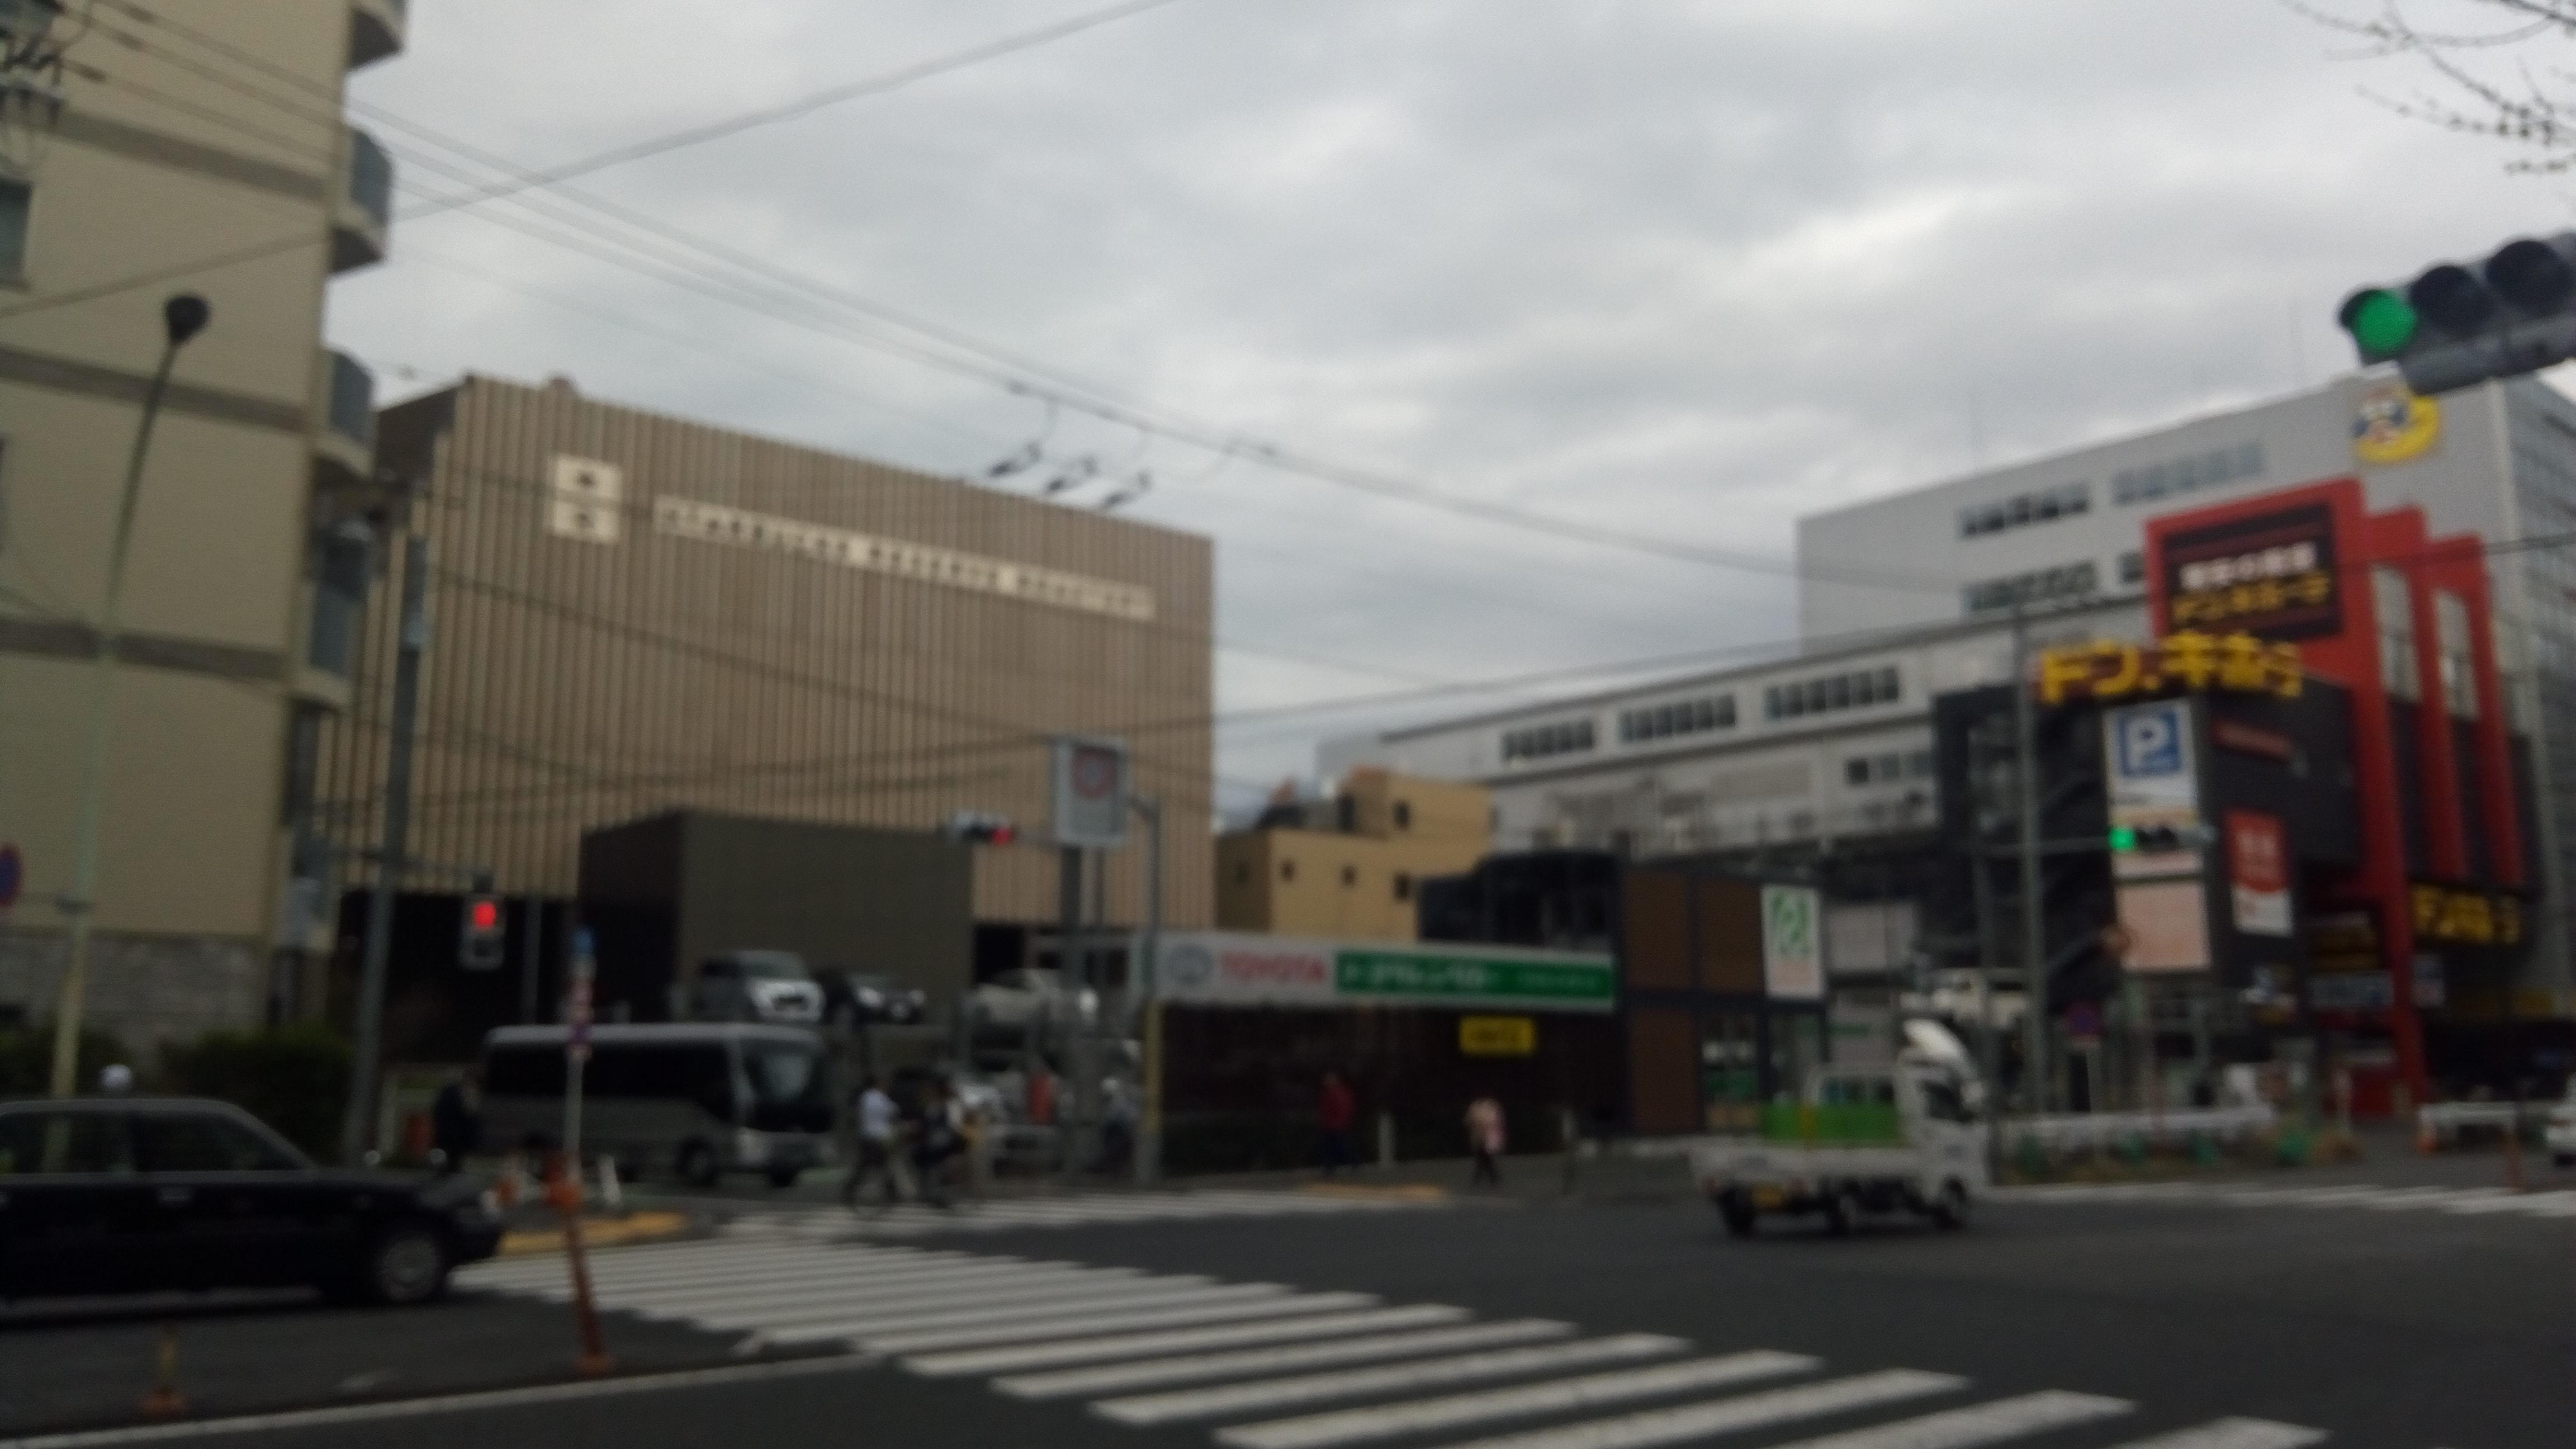 スターバックスリザーブロースタリー東京周辺環境